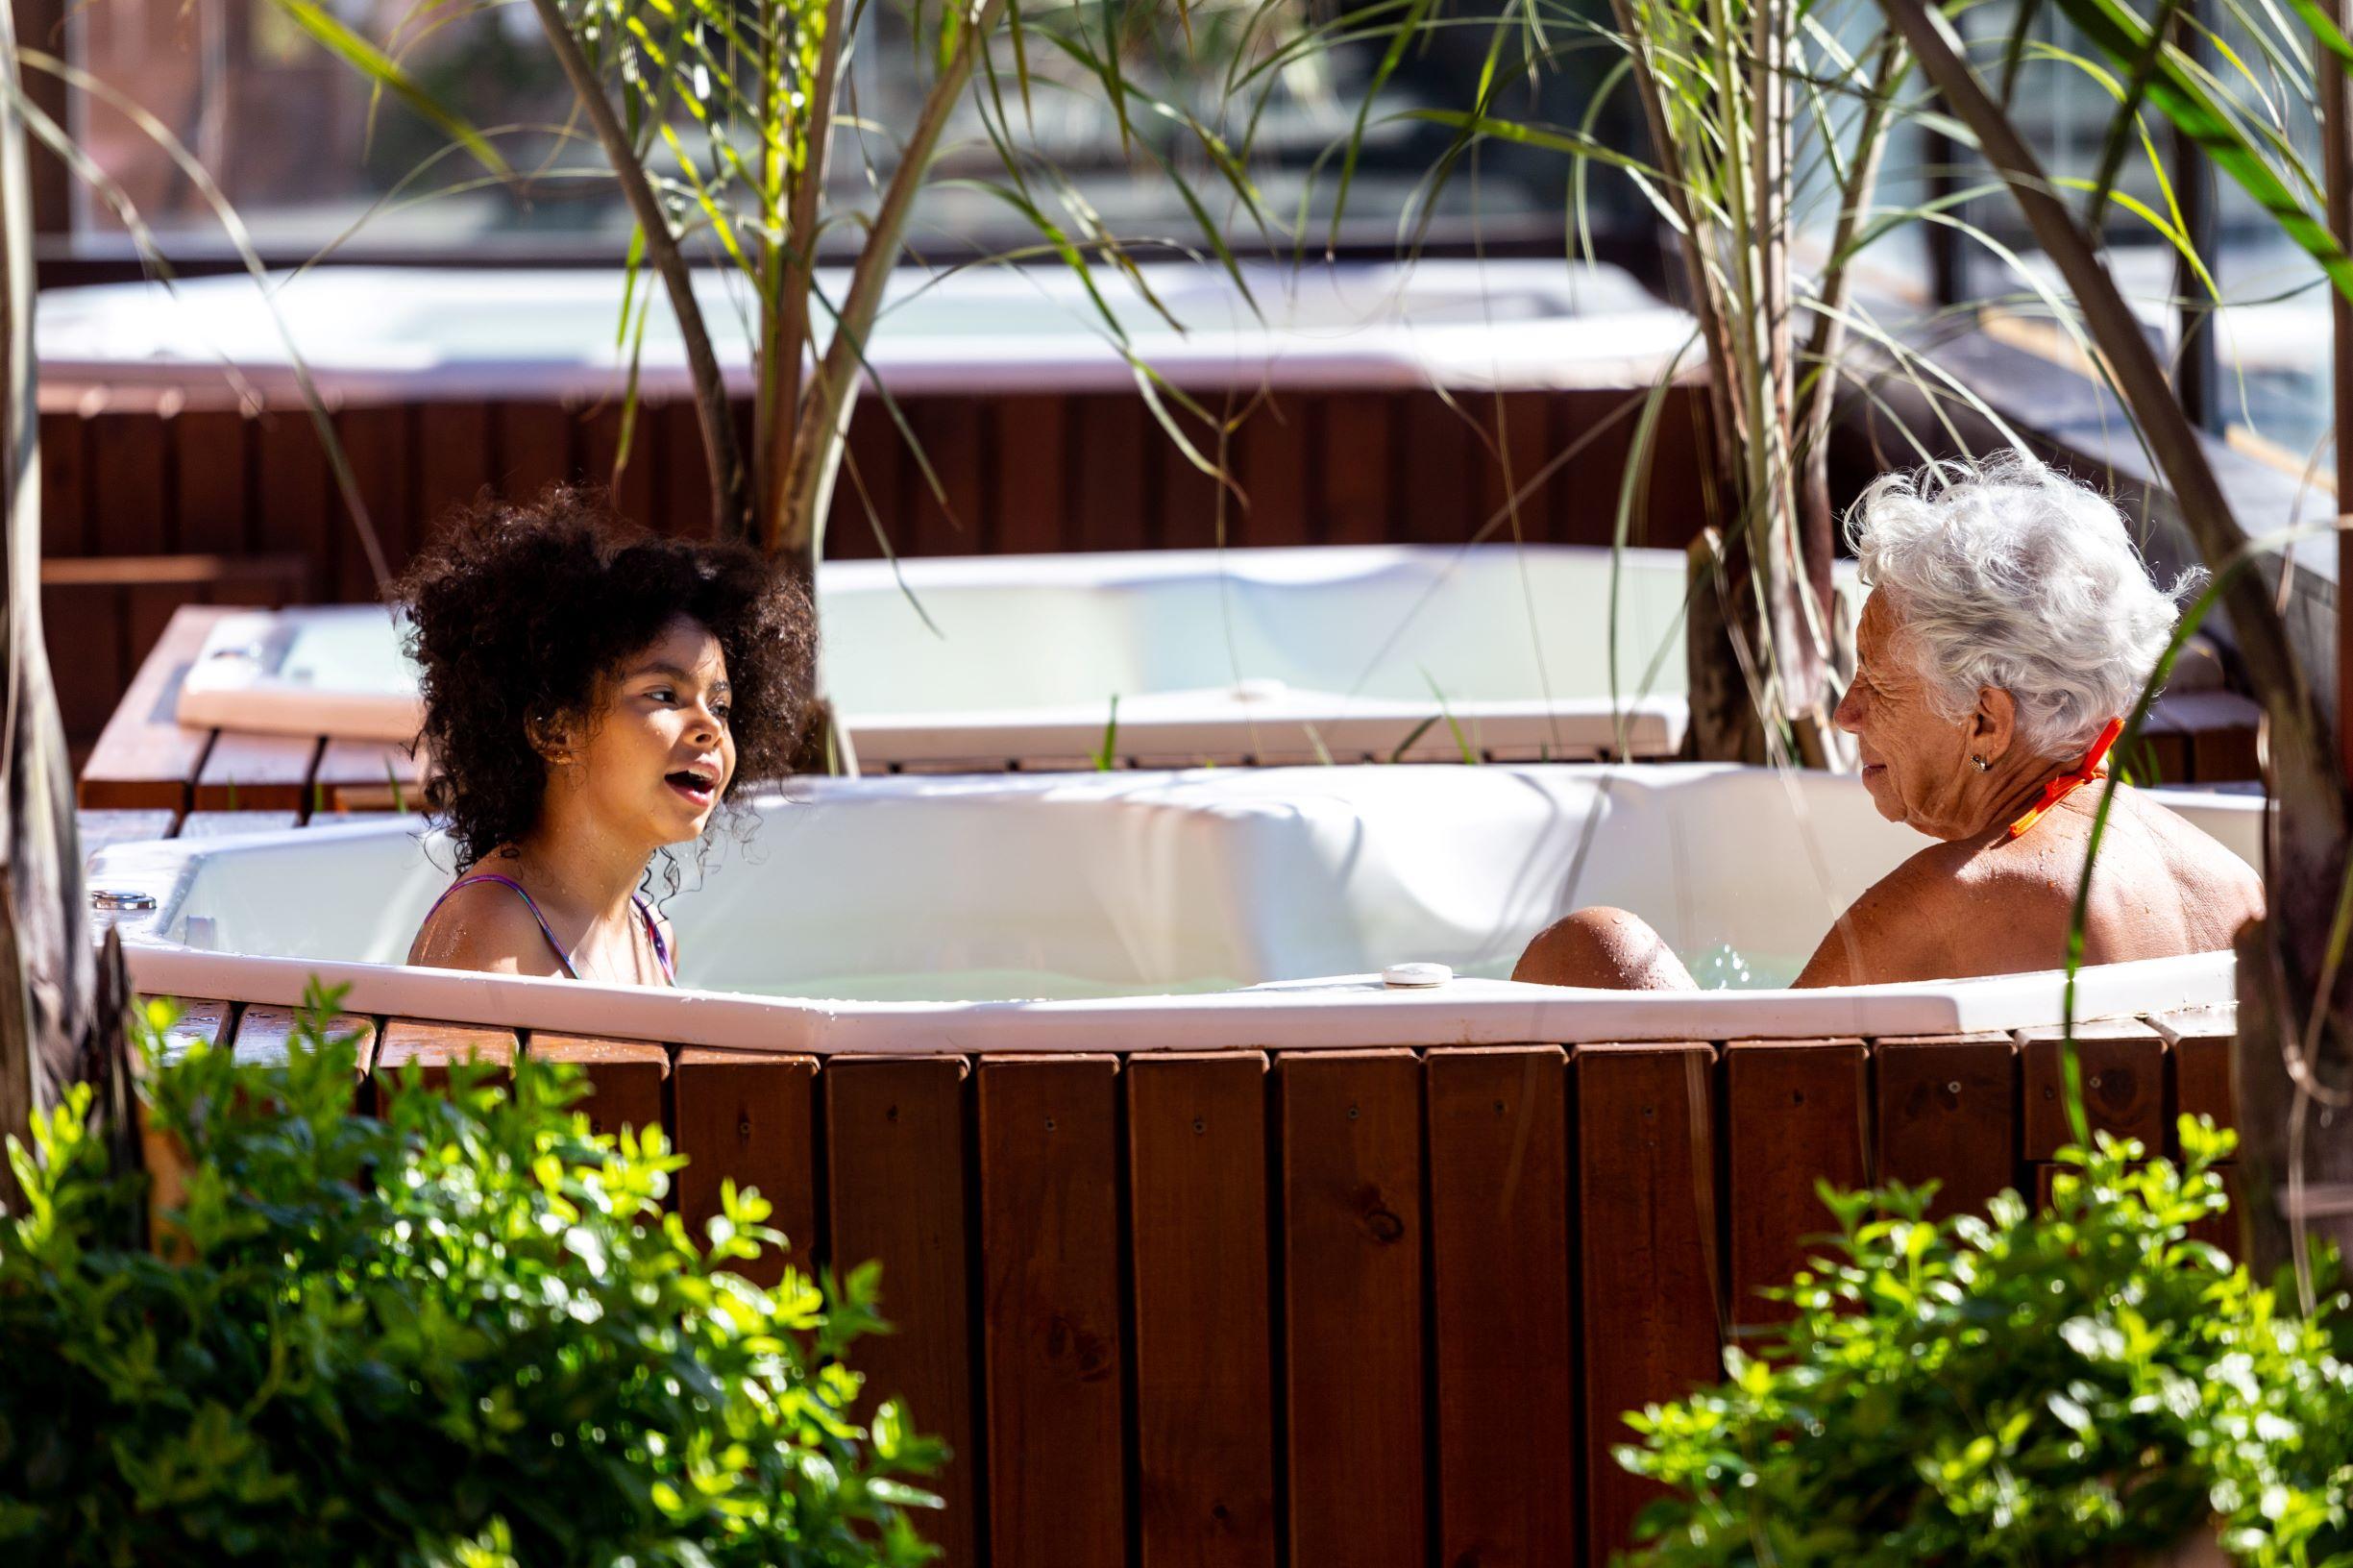 Super PROMOÇÃO: Hotel Jurerê Beach Village presenteia com hospedagem cortesia no Dia da Mães